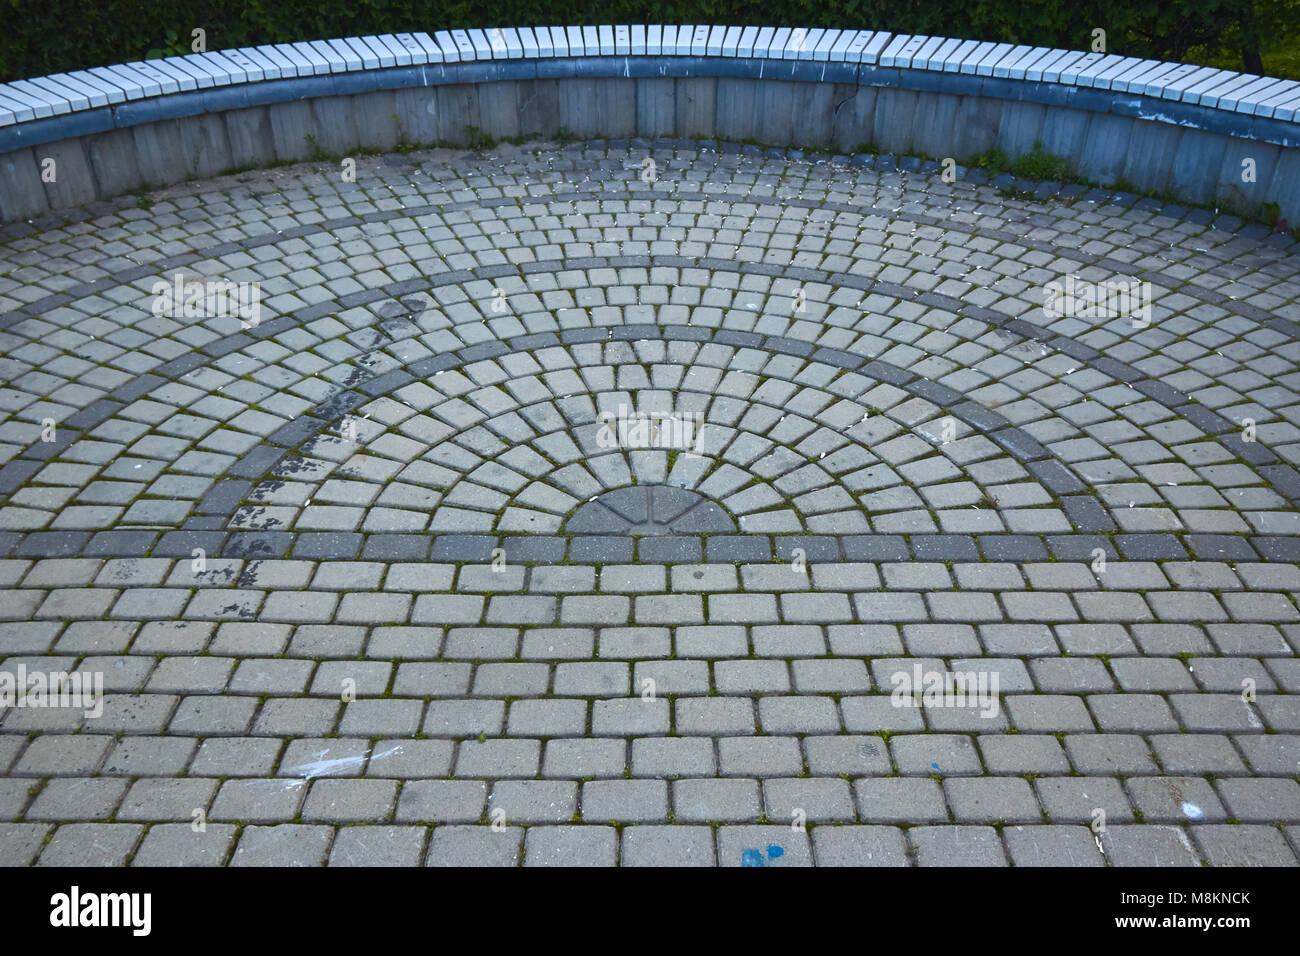 muster pflastersteine in der form eines kreises - Pflastersteine Muster Bilder